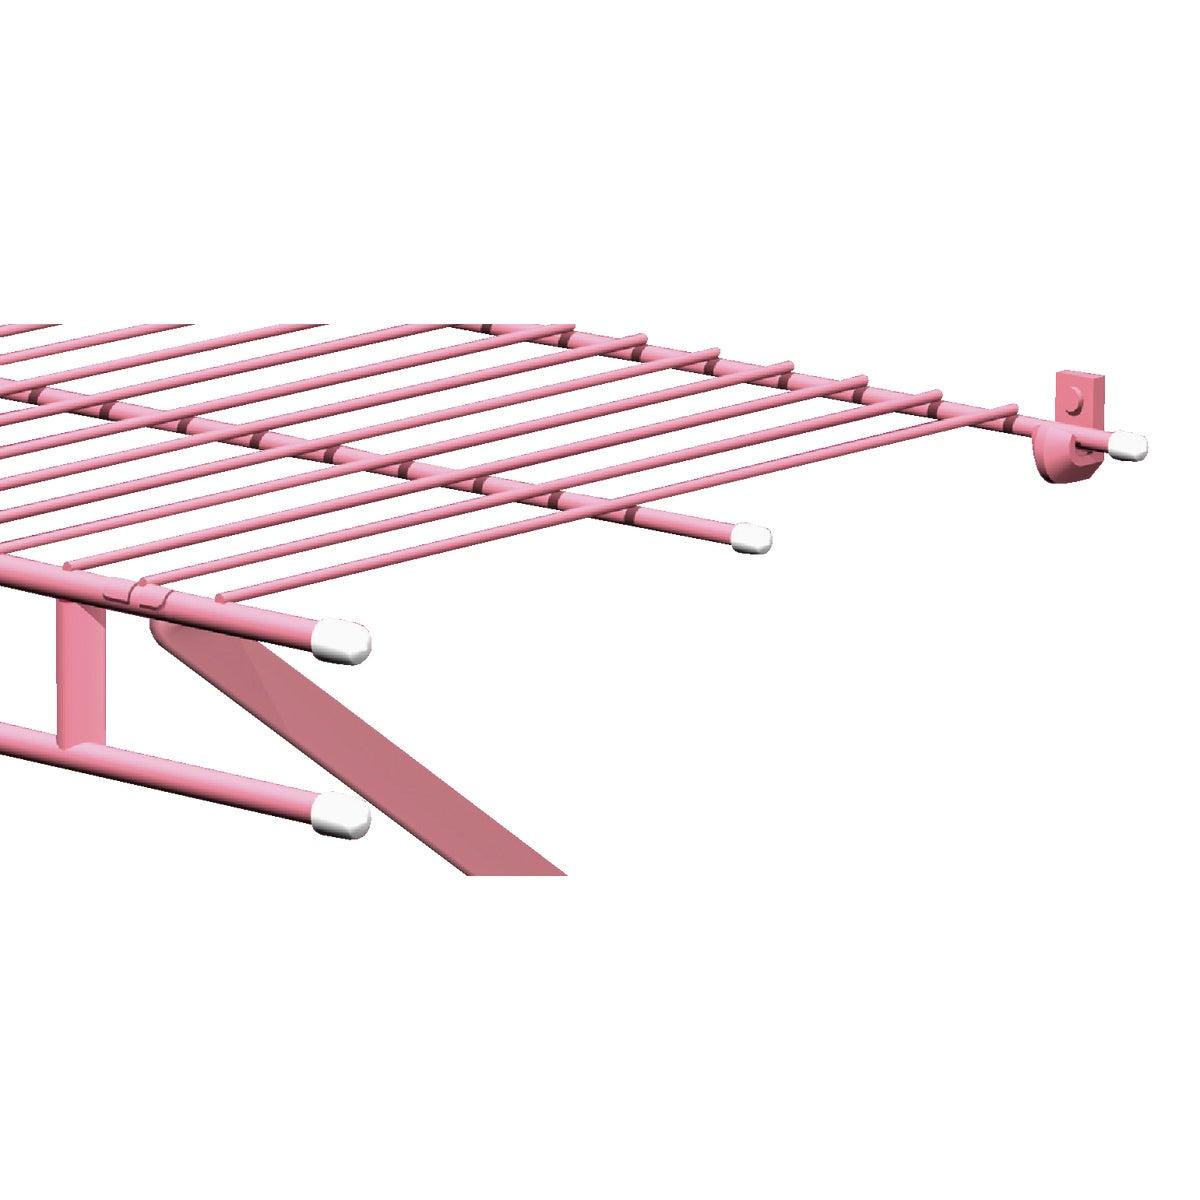 Closetmaid Wire Shelf End Cap, 7535500